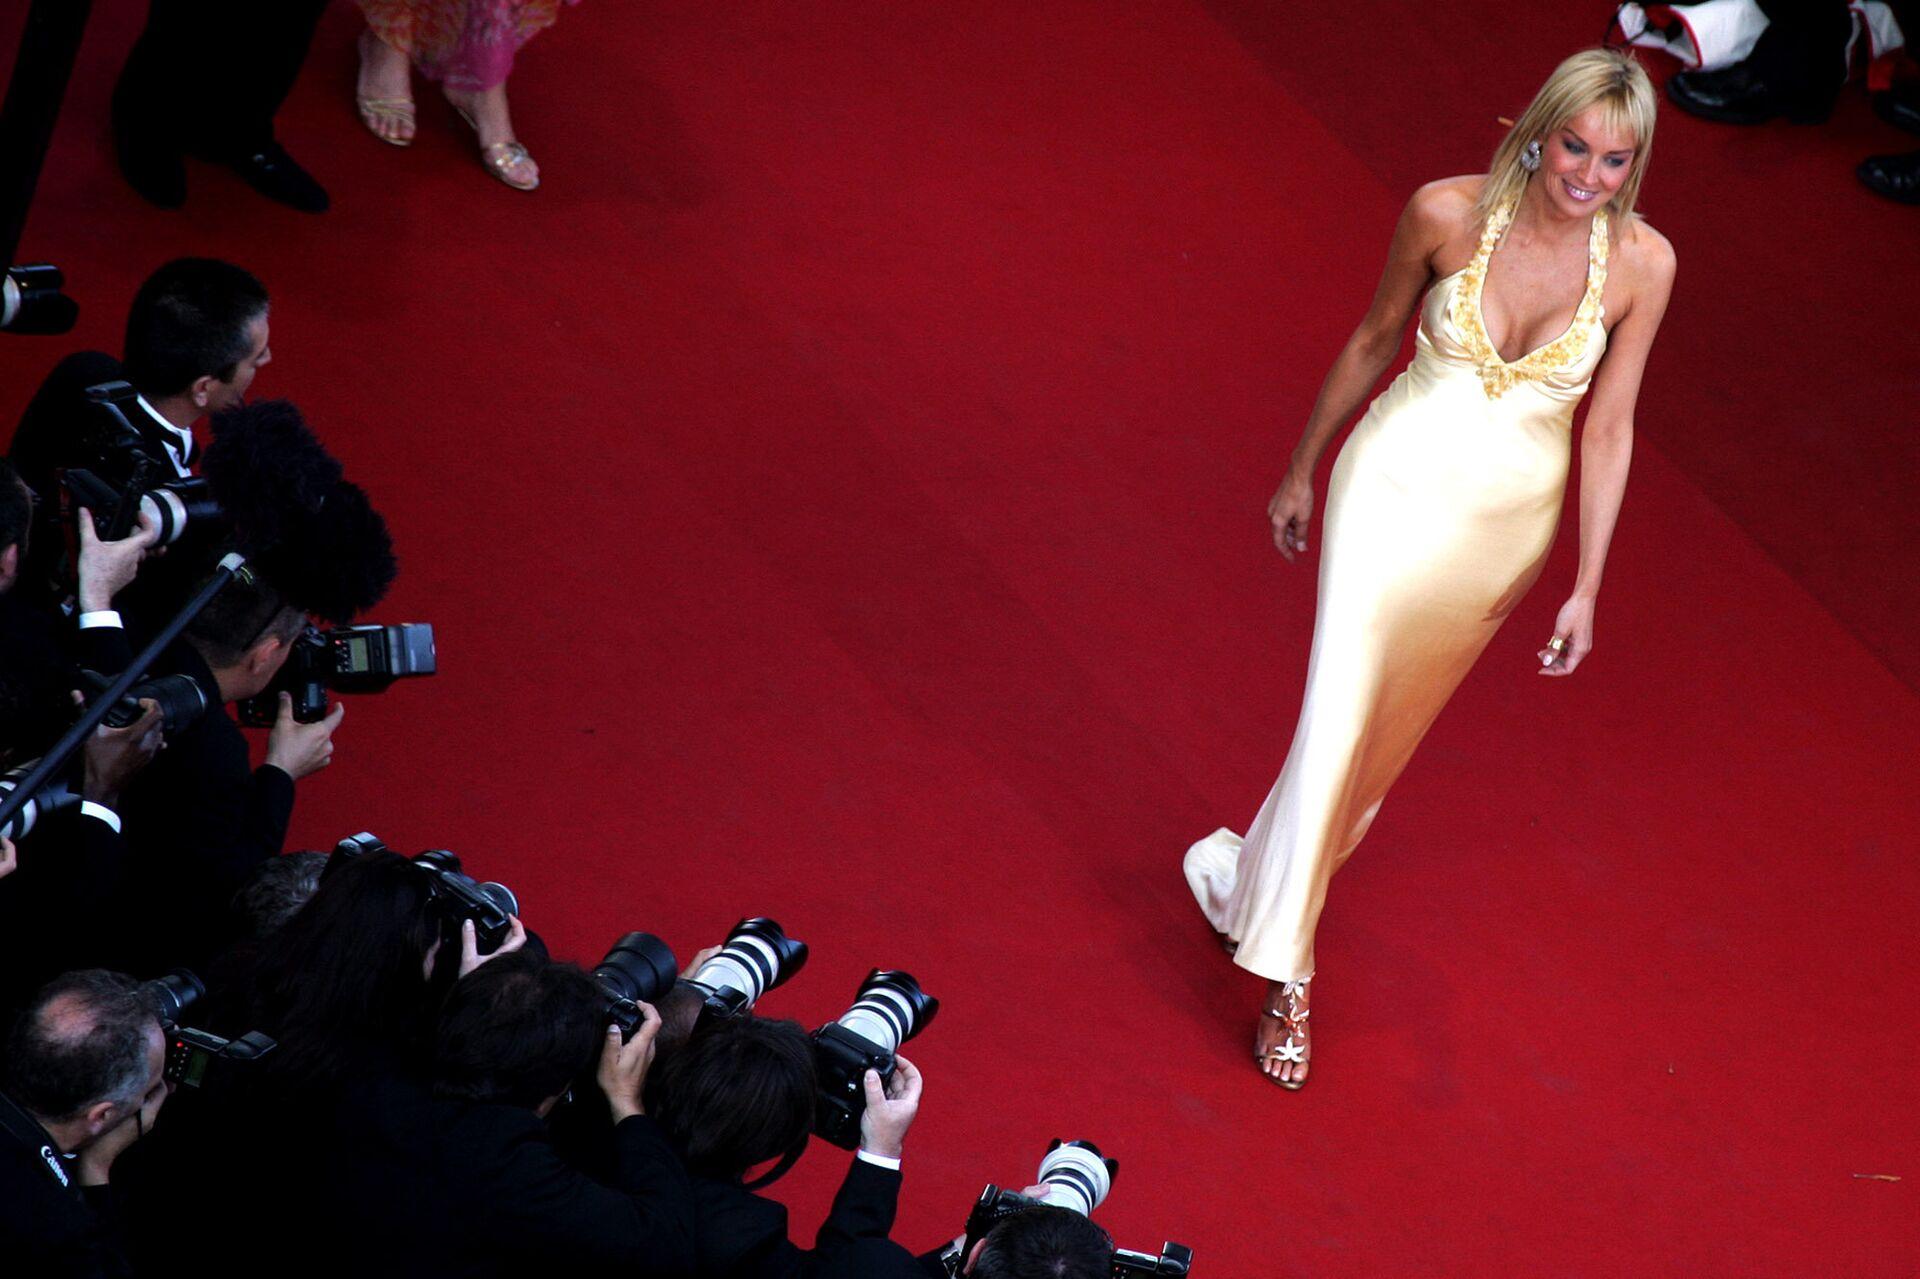 Американская актриса Шэрон Стоун на красной дорожке перед на 58-м международным Каннским кинофестивалем во Франции. 15 мая 2005 года - РИА Новости, 1920, 05.03.2021